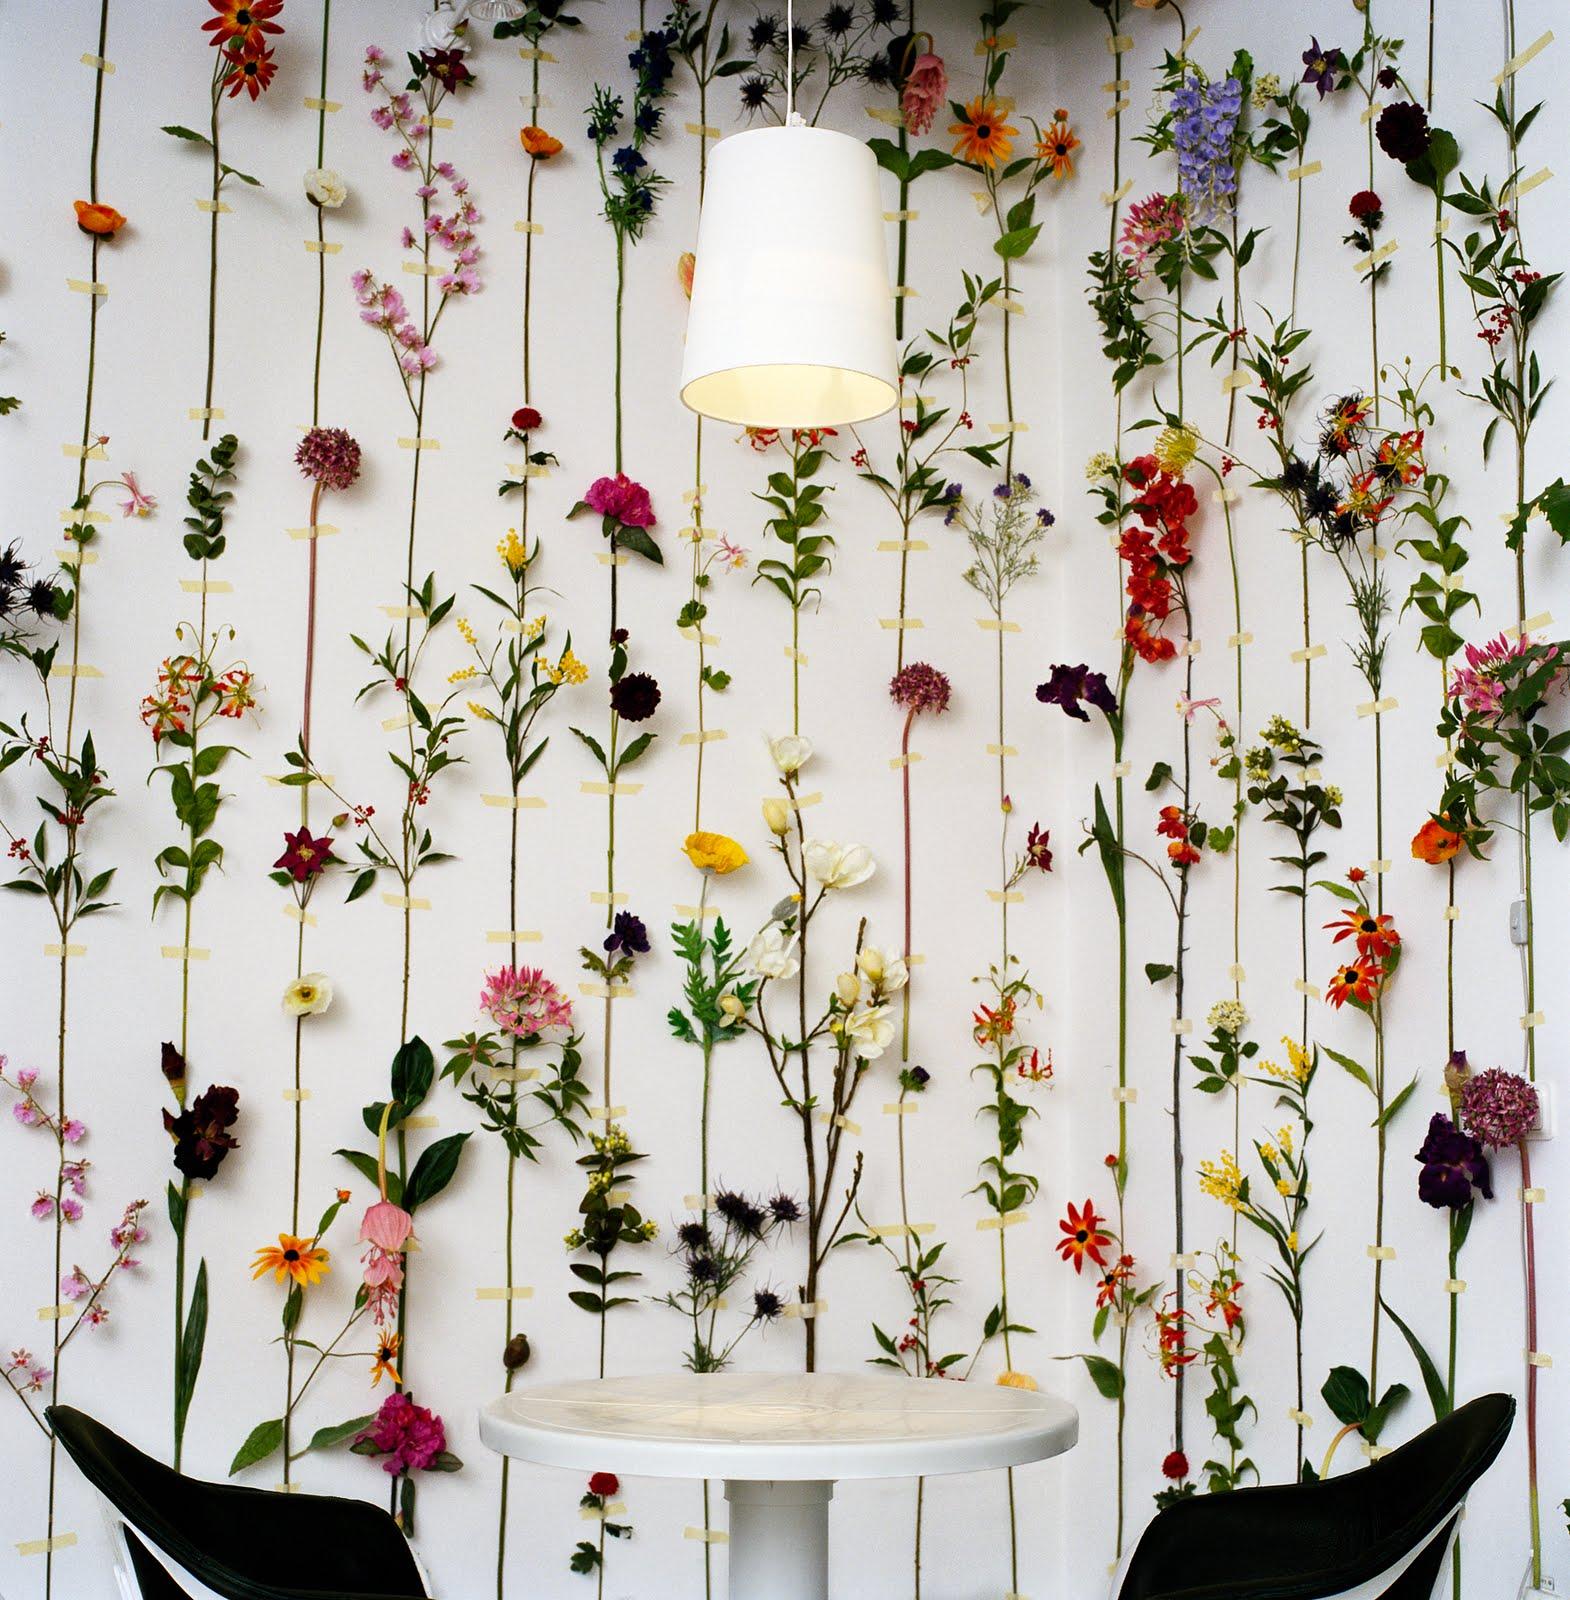 http://2.bp.blogspot.com/_ODgrUwIJYyU/TQMPnODQthI/AAAAAAAABYA/0JS5KYJWvBs/s1600/tensta_flower_wallpaper.jpg